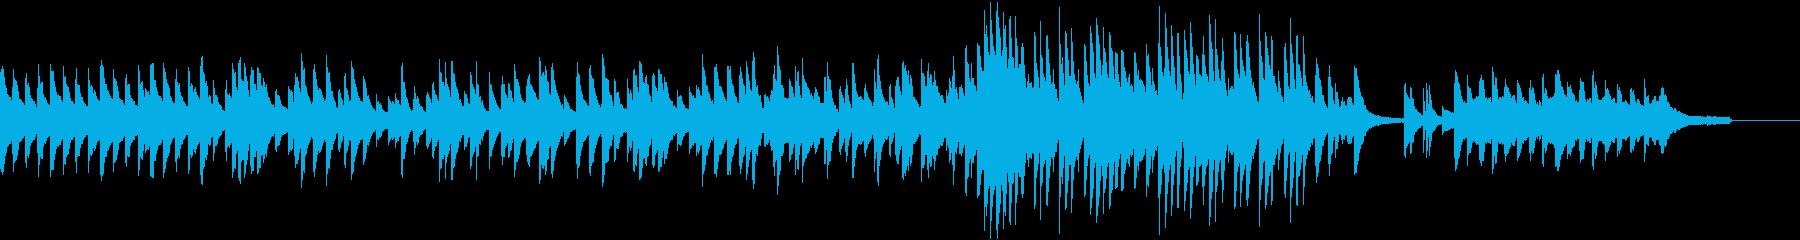 【ショート版】温かく切ない雰囲気のピアノの再生済みの波形